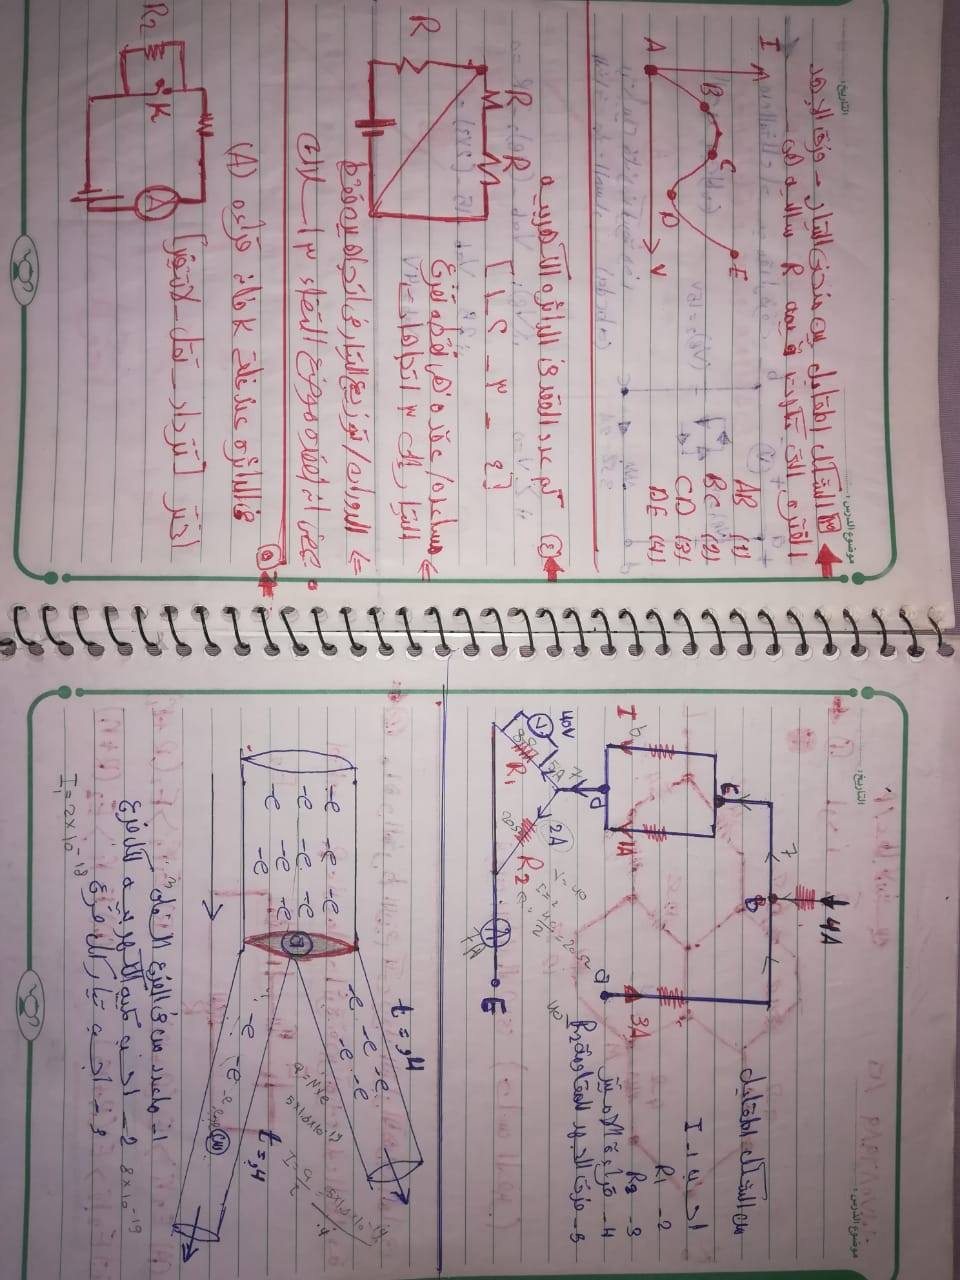 فيـزياء الثانوية العامة | اسئله بنظام حديث تقيس مستوى التحليل والتفسير والتذكر والتطبيق 12701